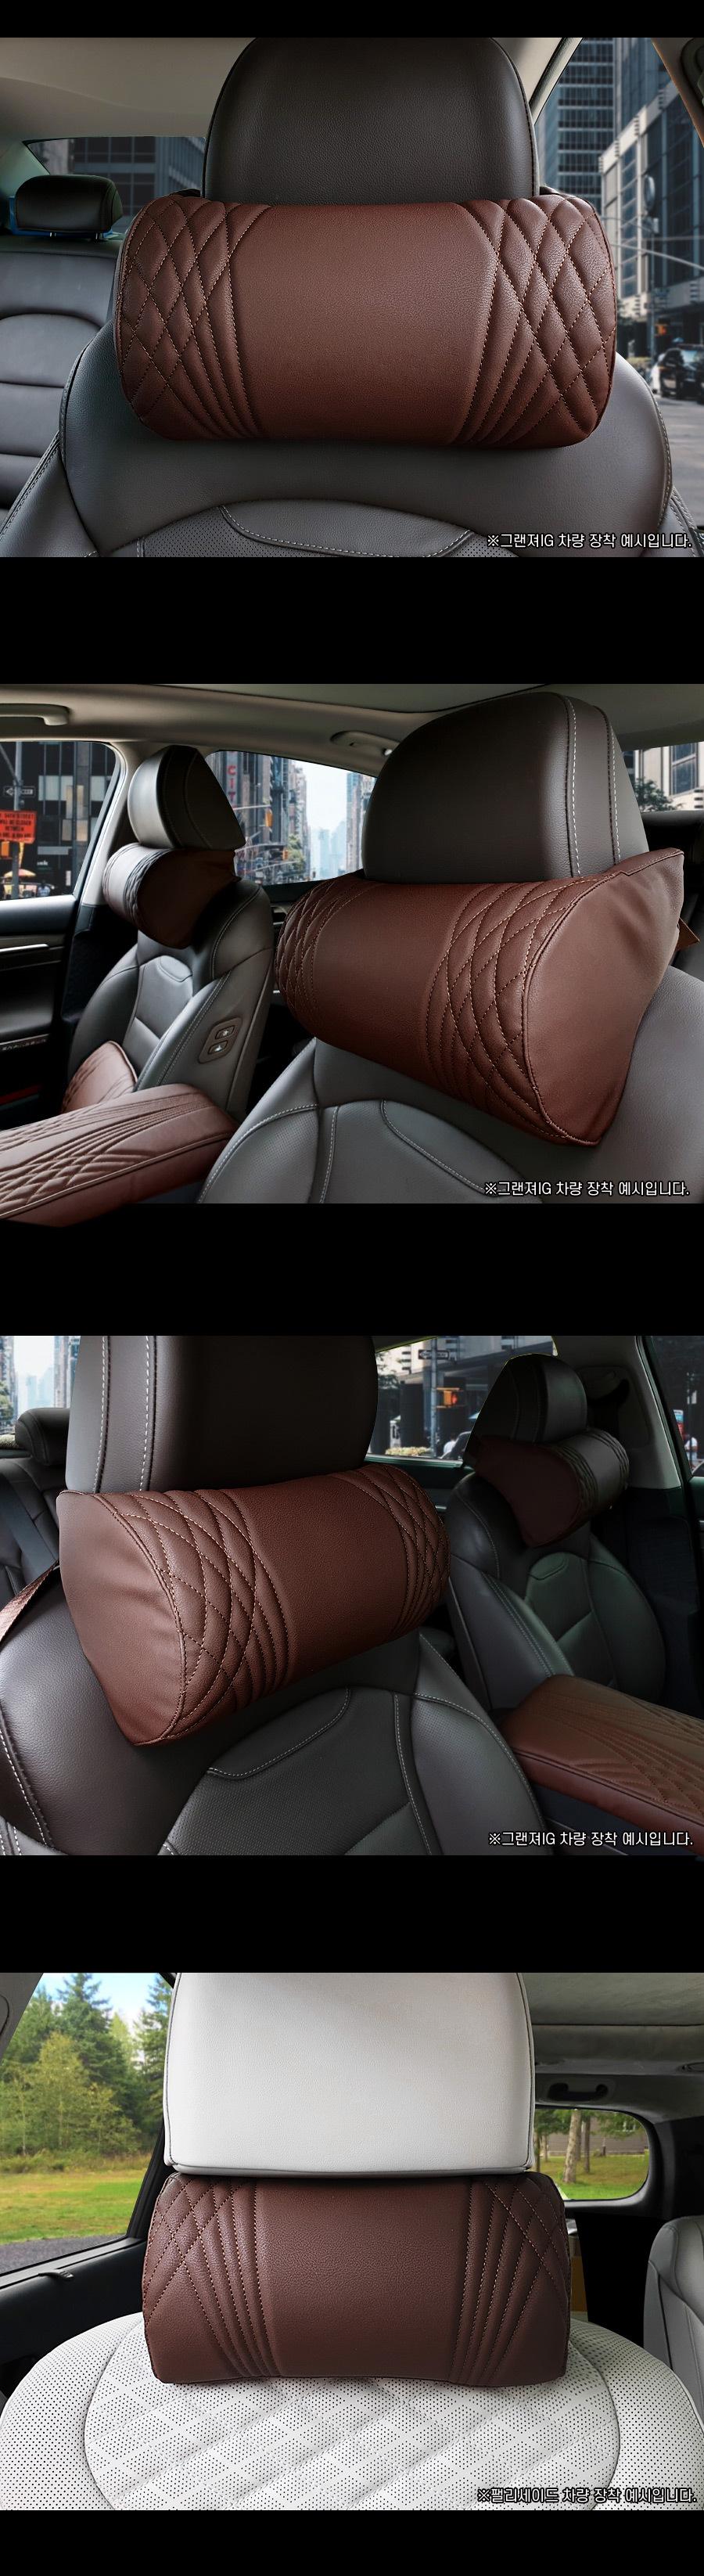 leather-flare-neck-cushion_06.jpg